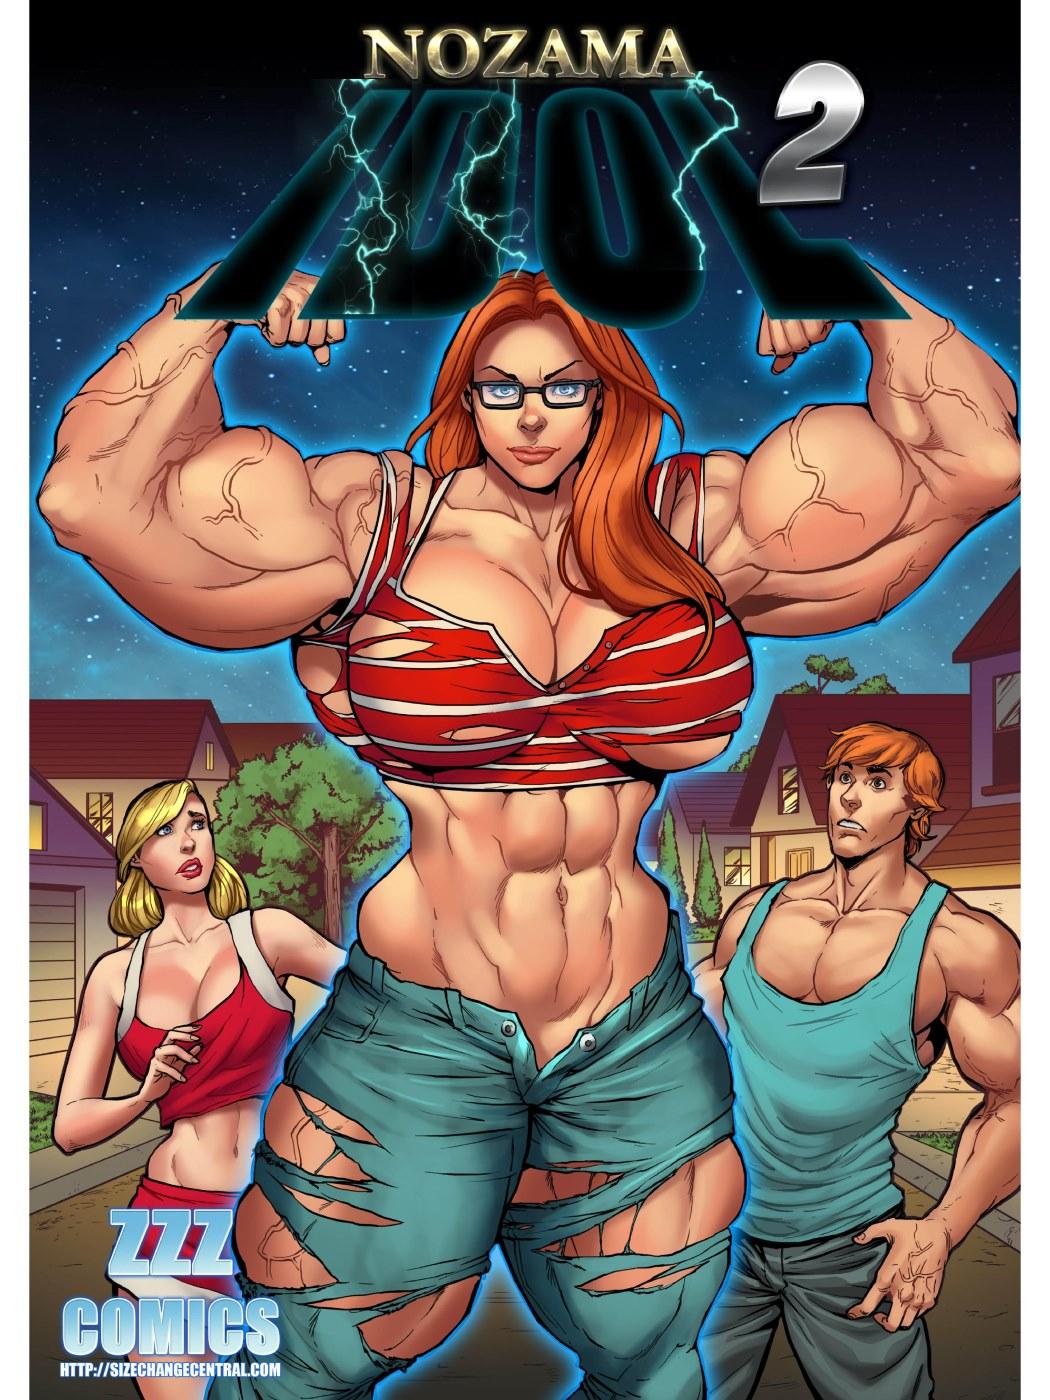 Porn Comics - ZZZ- Nozama Idol 2 porn comics 8 muses